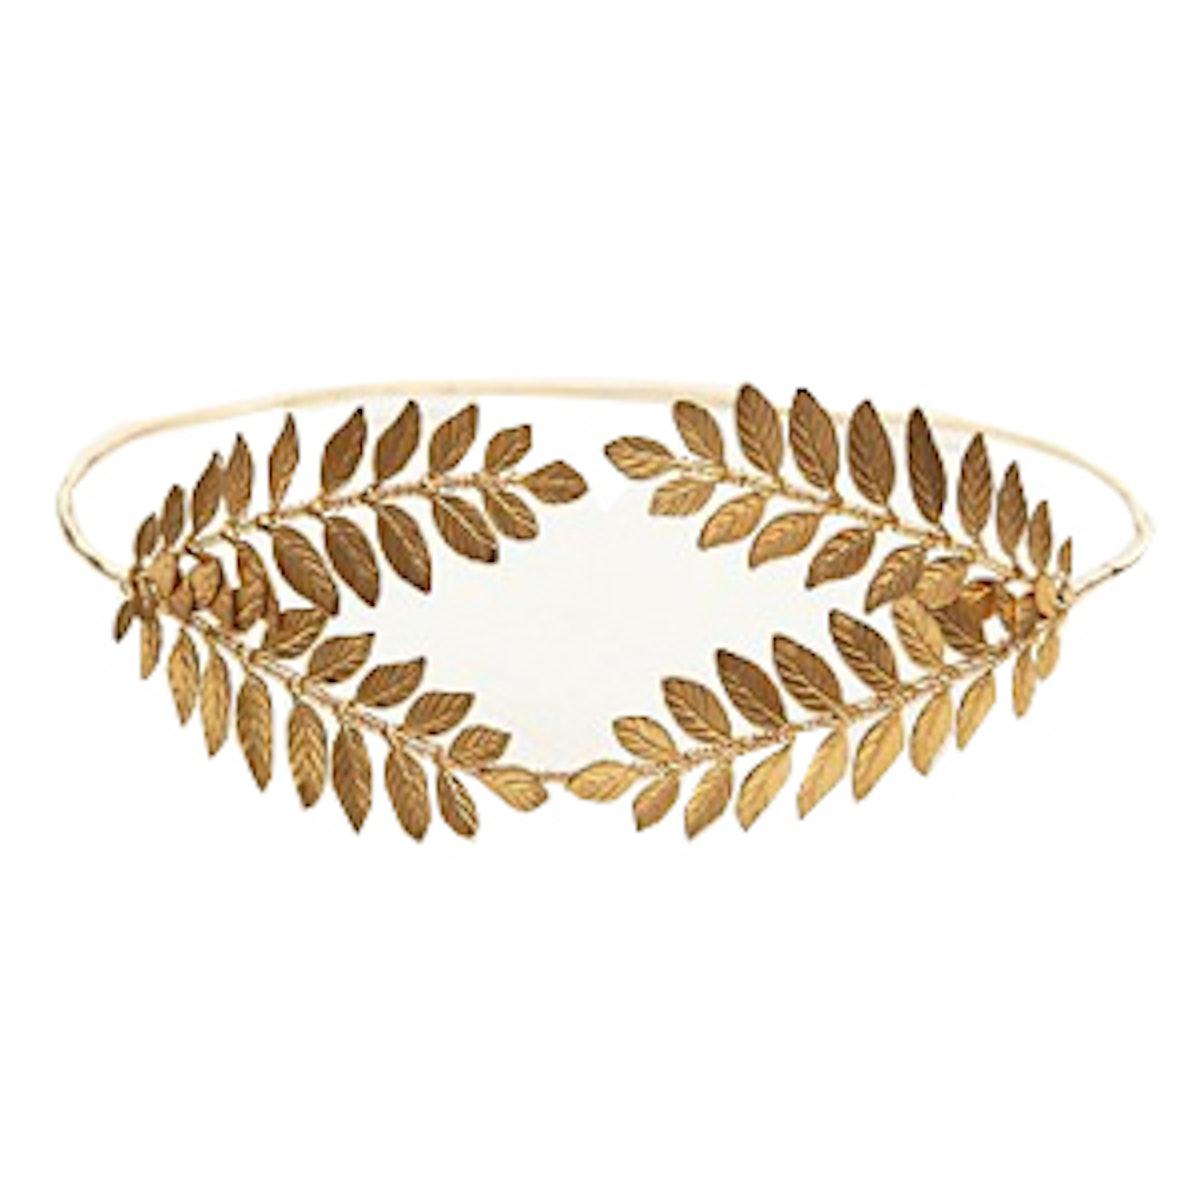 Fern Leaf Crown